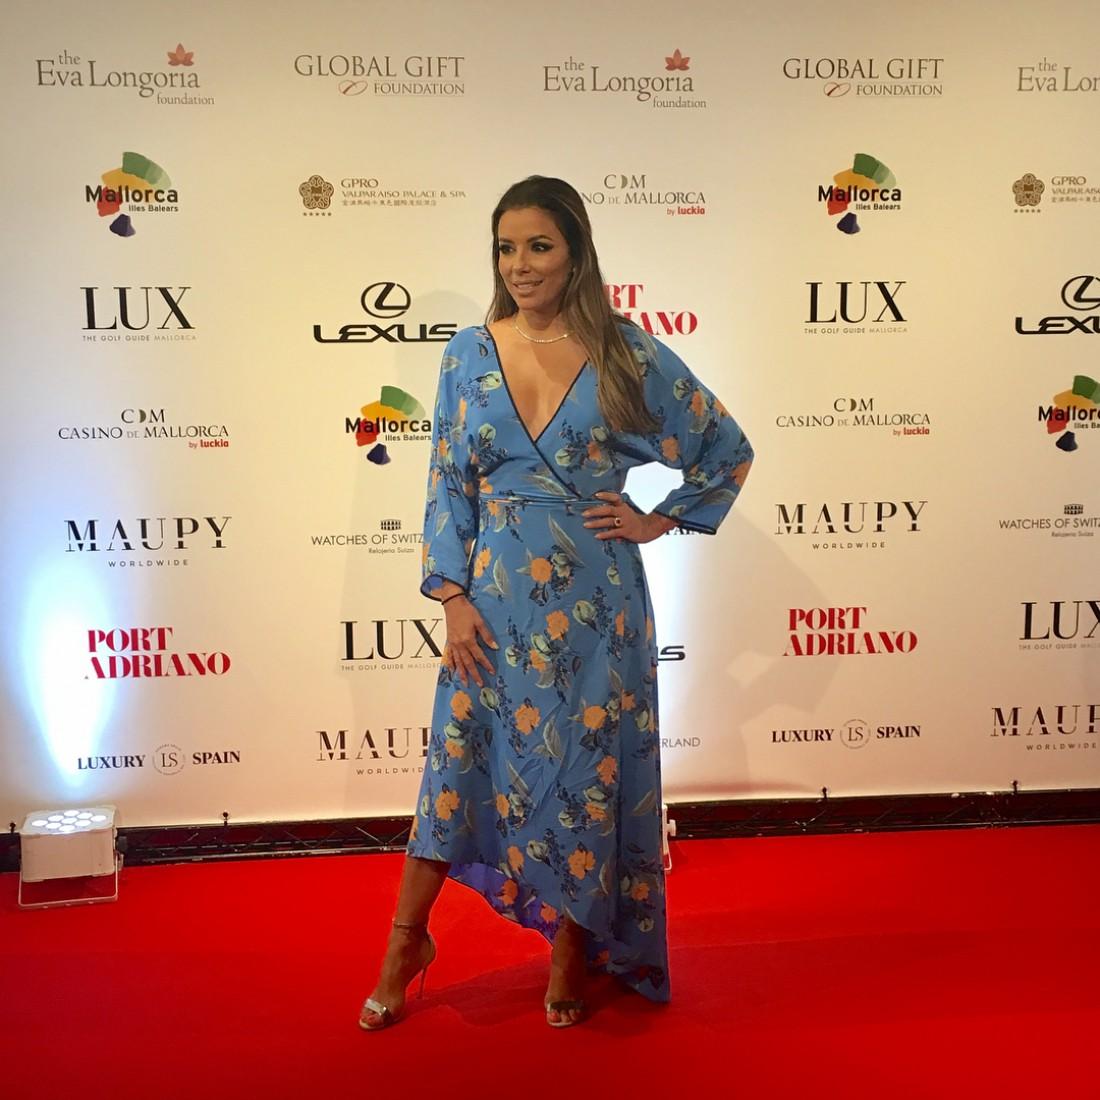 Ева Лонгория вышла в свет в потрясающем платье